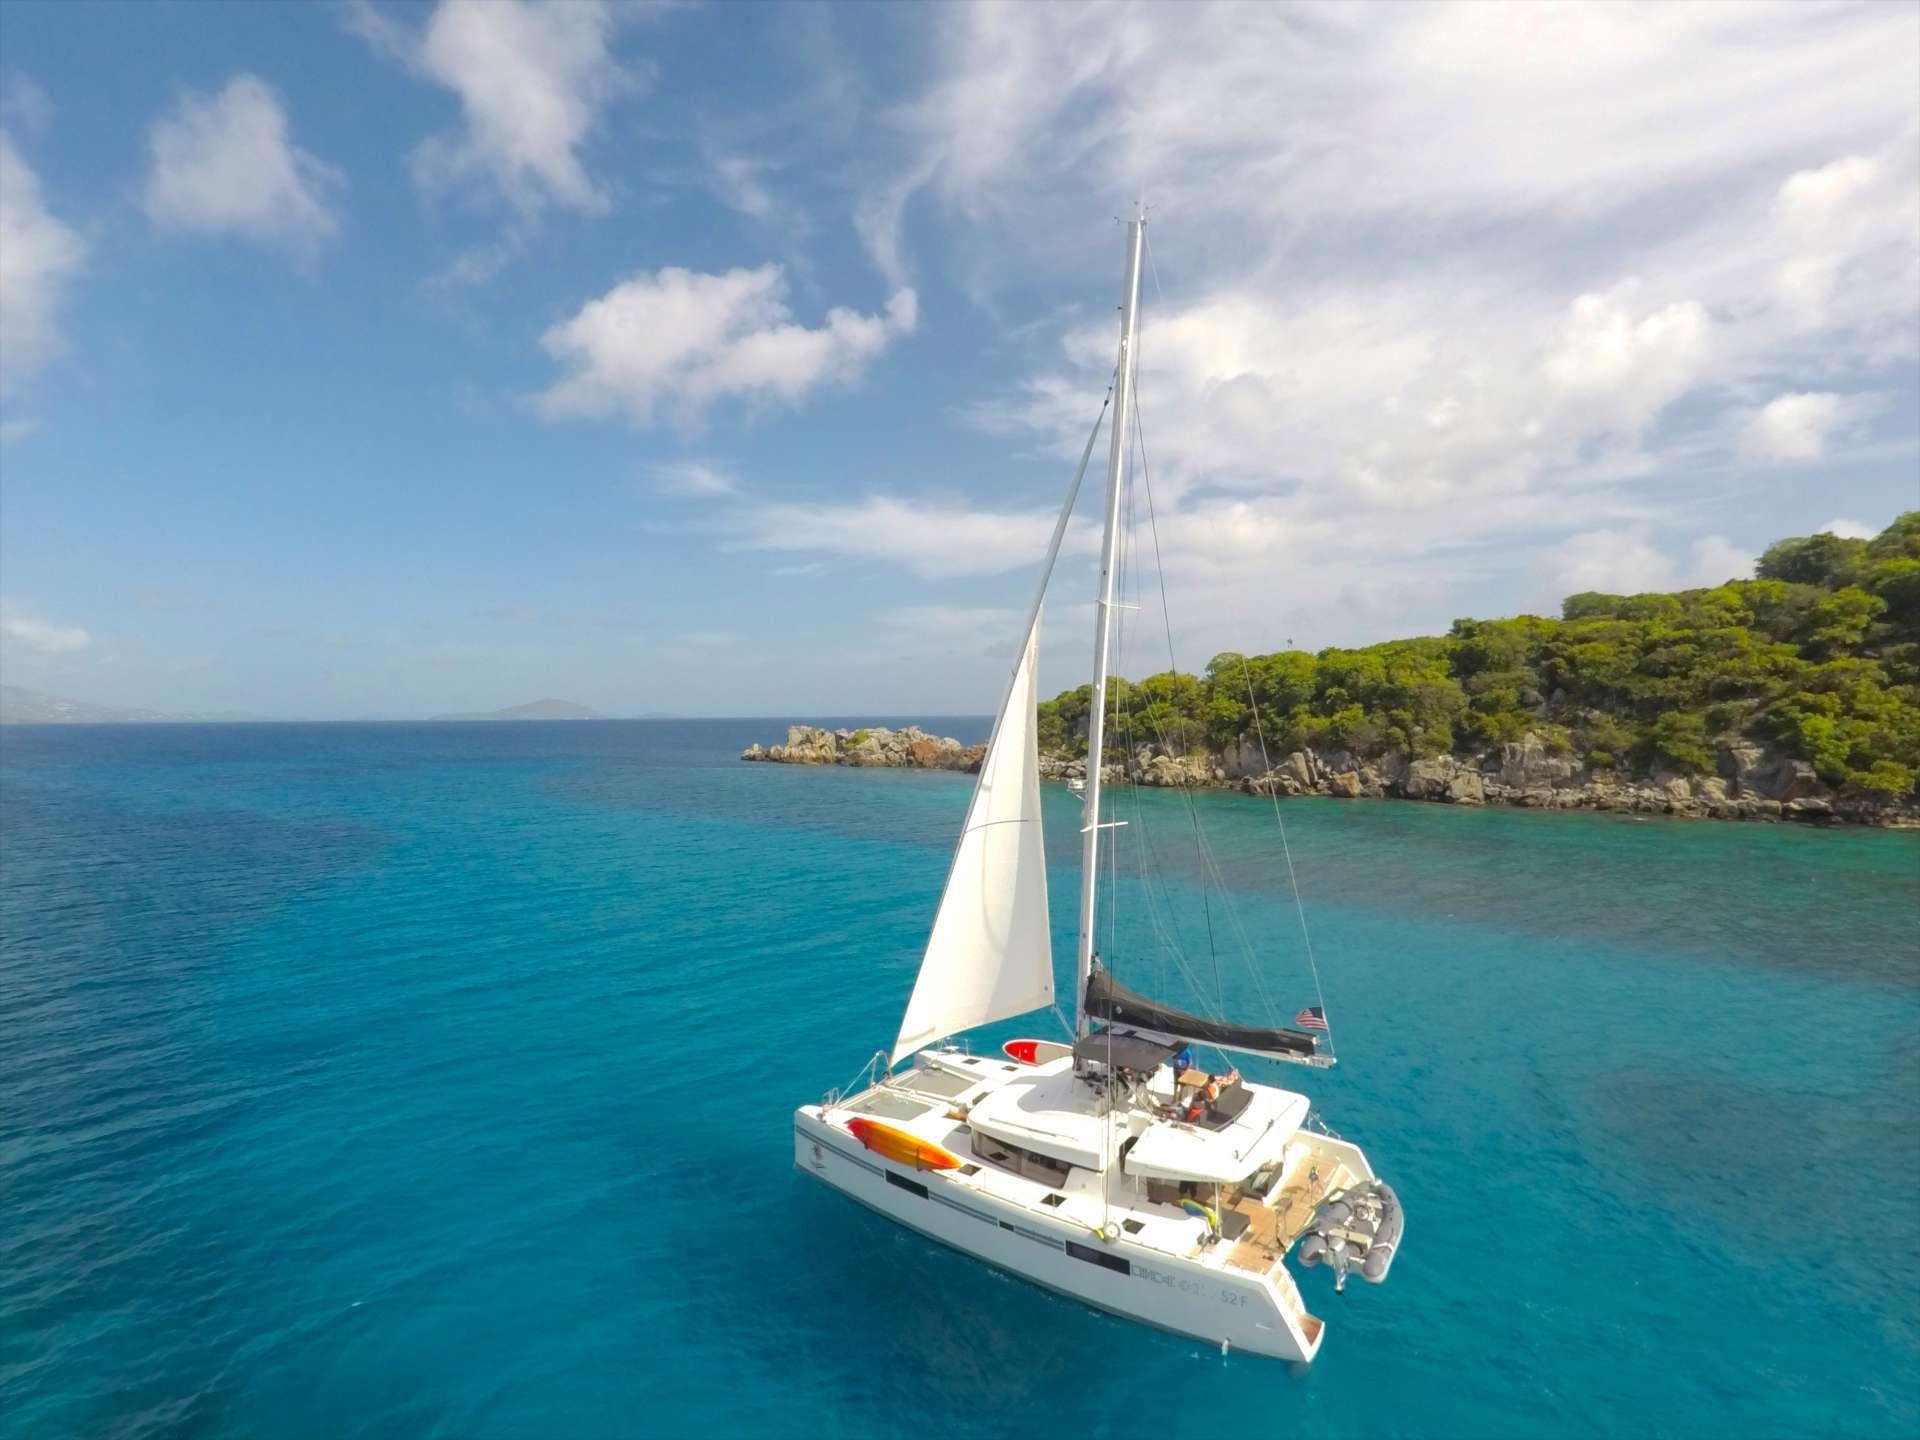 SOUTHERN COMFORT - Lagoon 520 - 4 Cabins - Caribbean - US Virgin Islands - Windward Islands - Leewards Islands